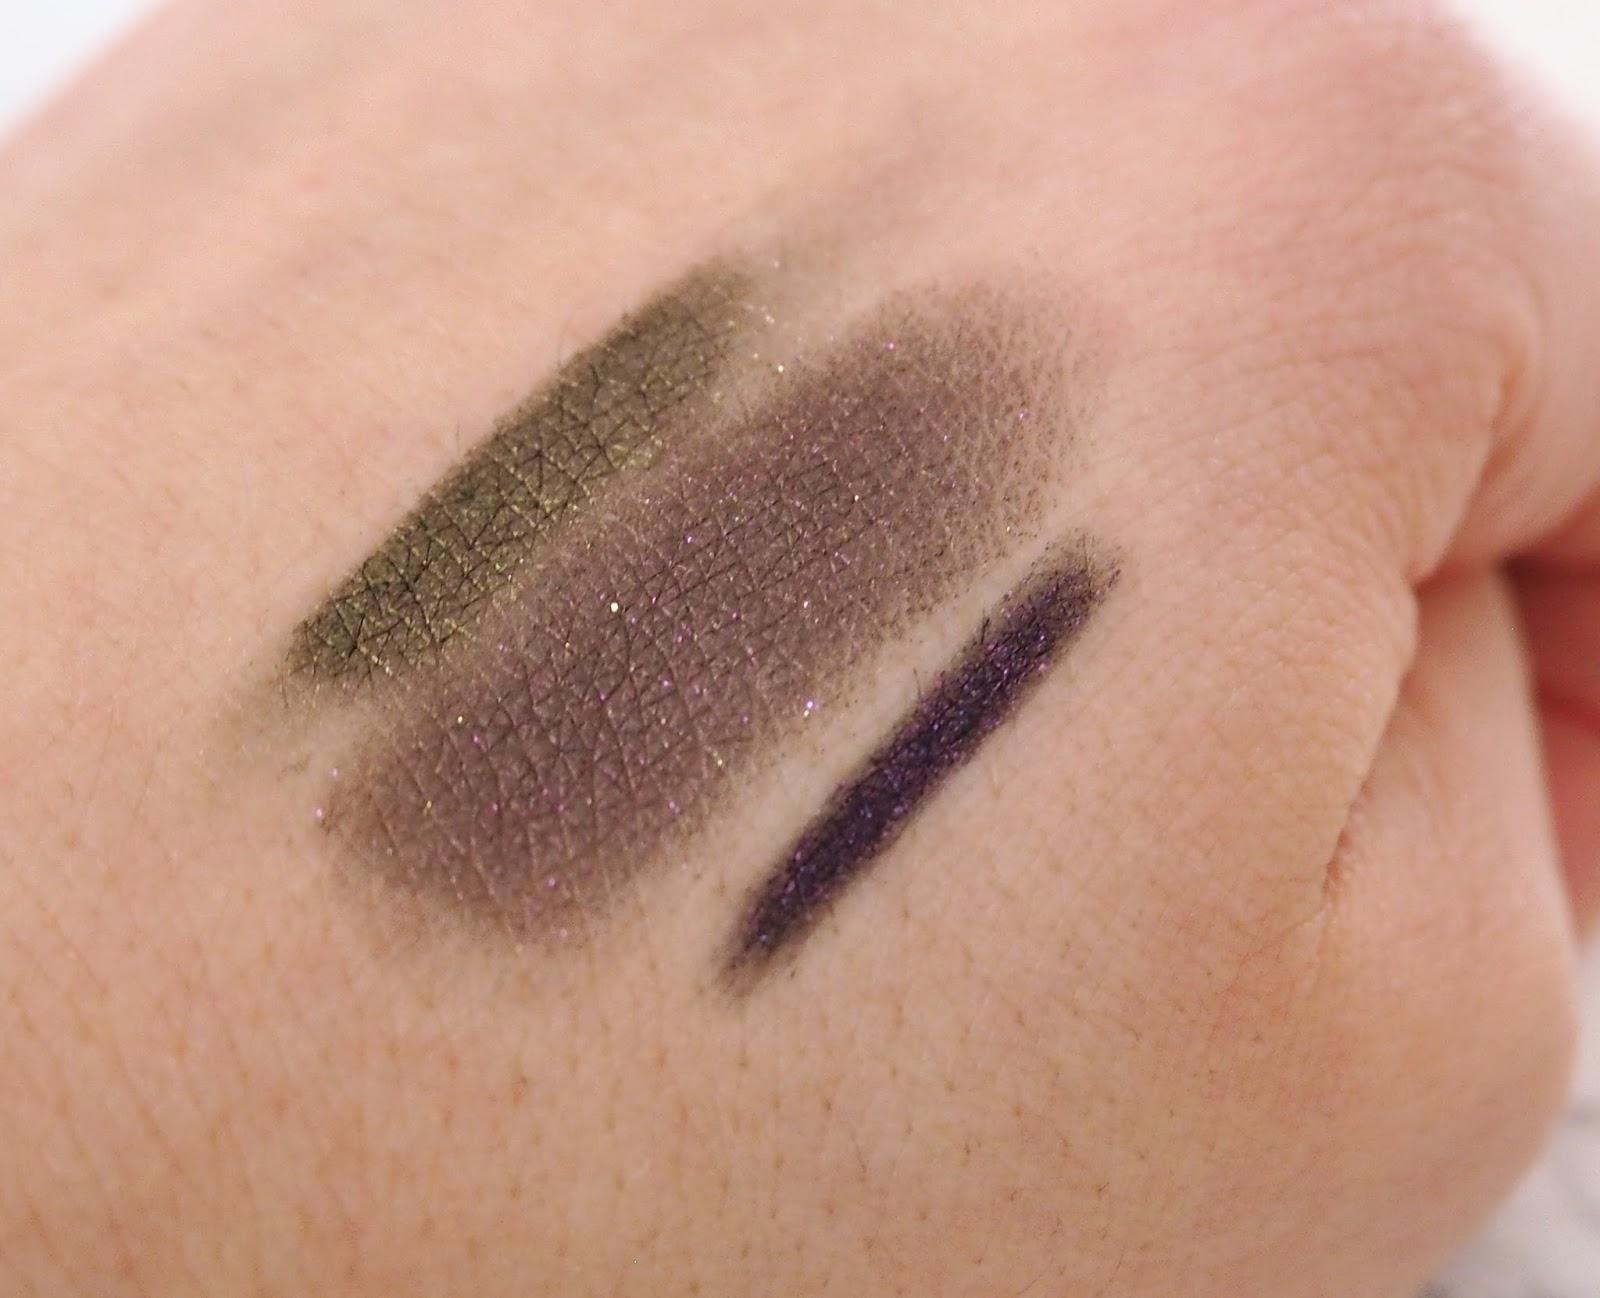 Charlotte Tilbury Eye Makeup: Nocturnal Cat Eyes & Colour Chameleon | Katie Kirk Loves